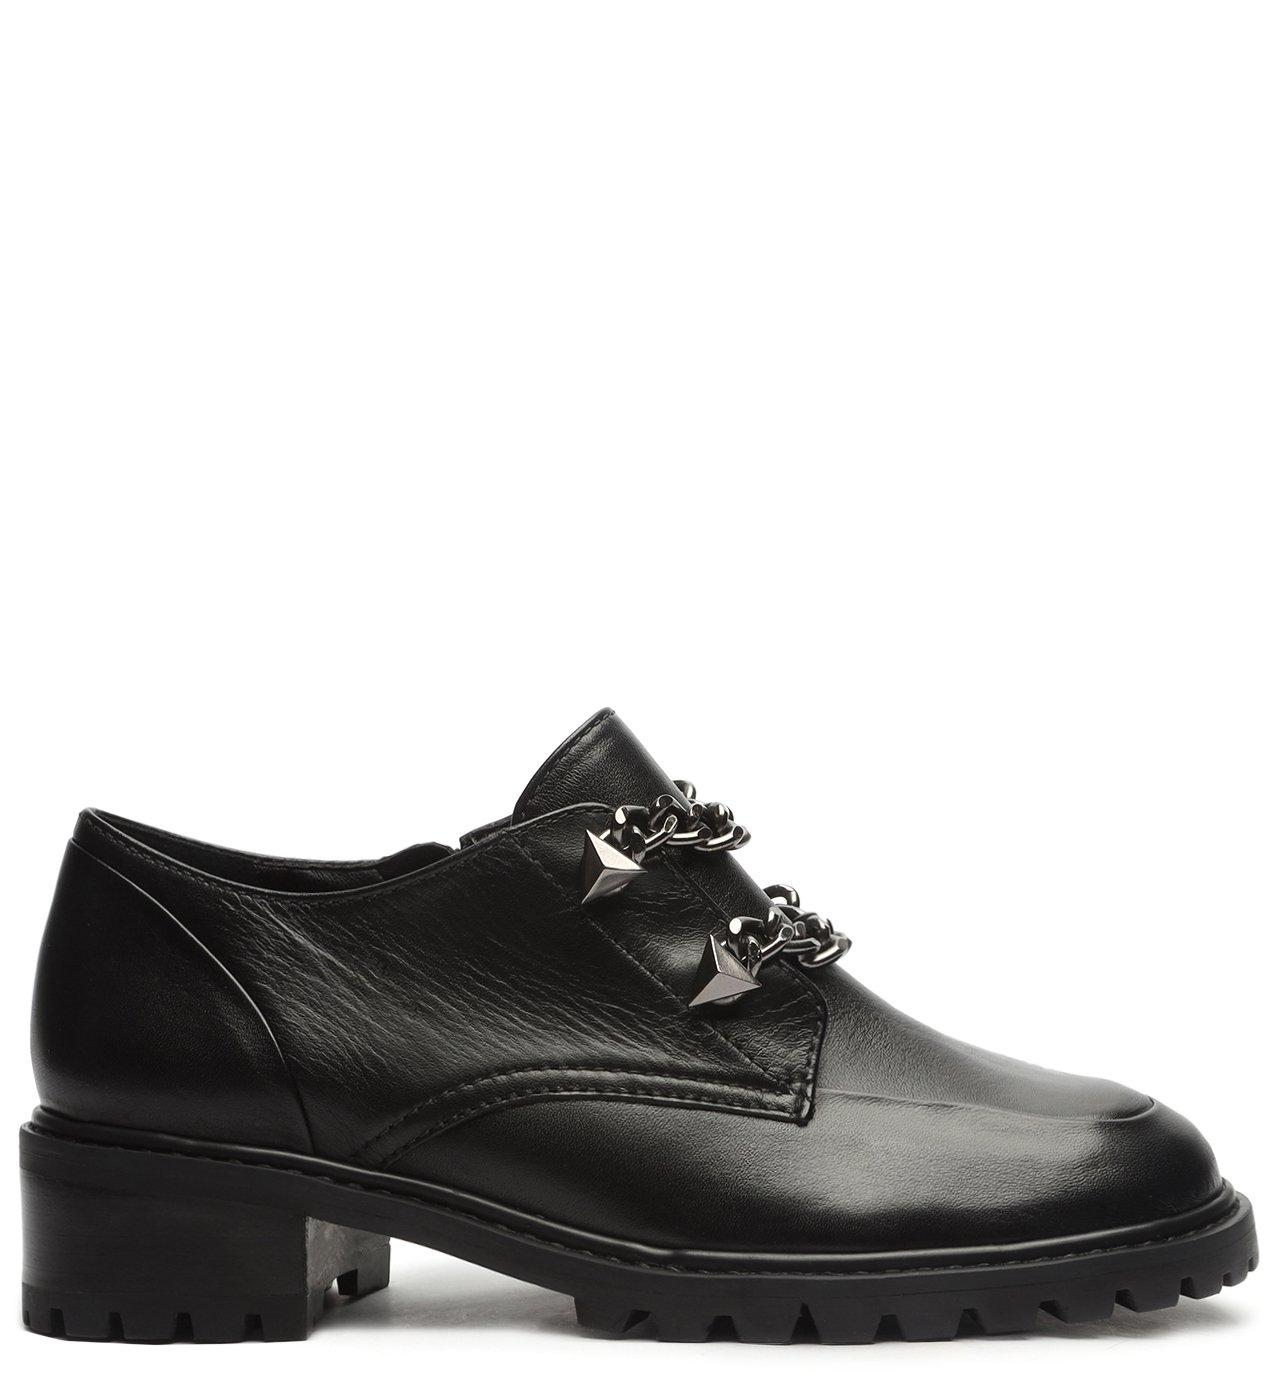 Sapato Oxford Tratorado Corrente Preto | Schutz